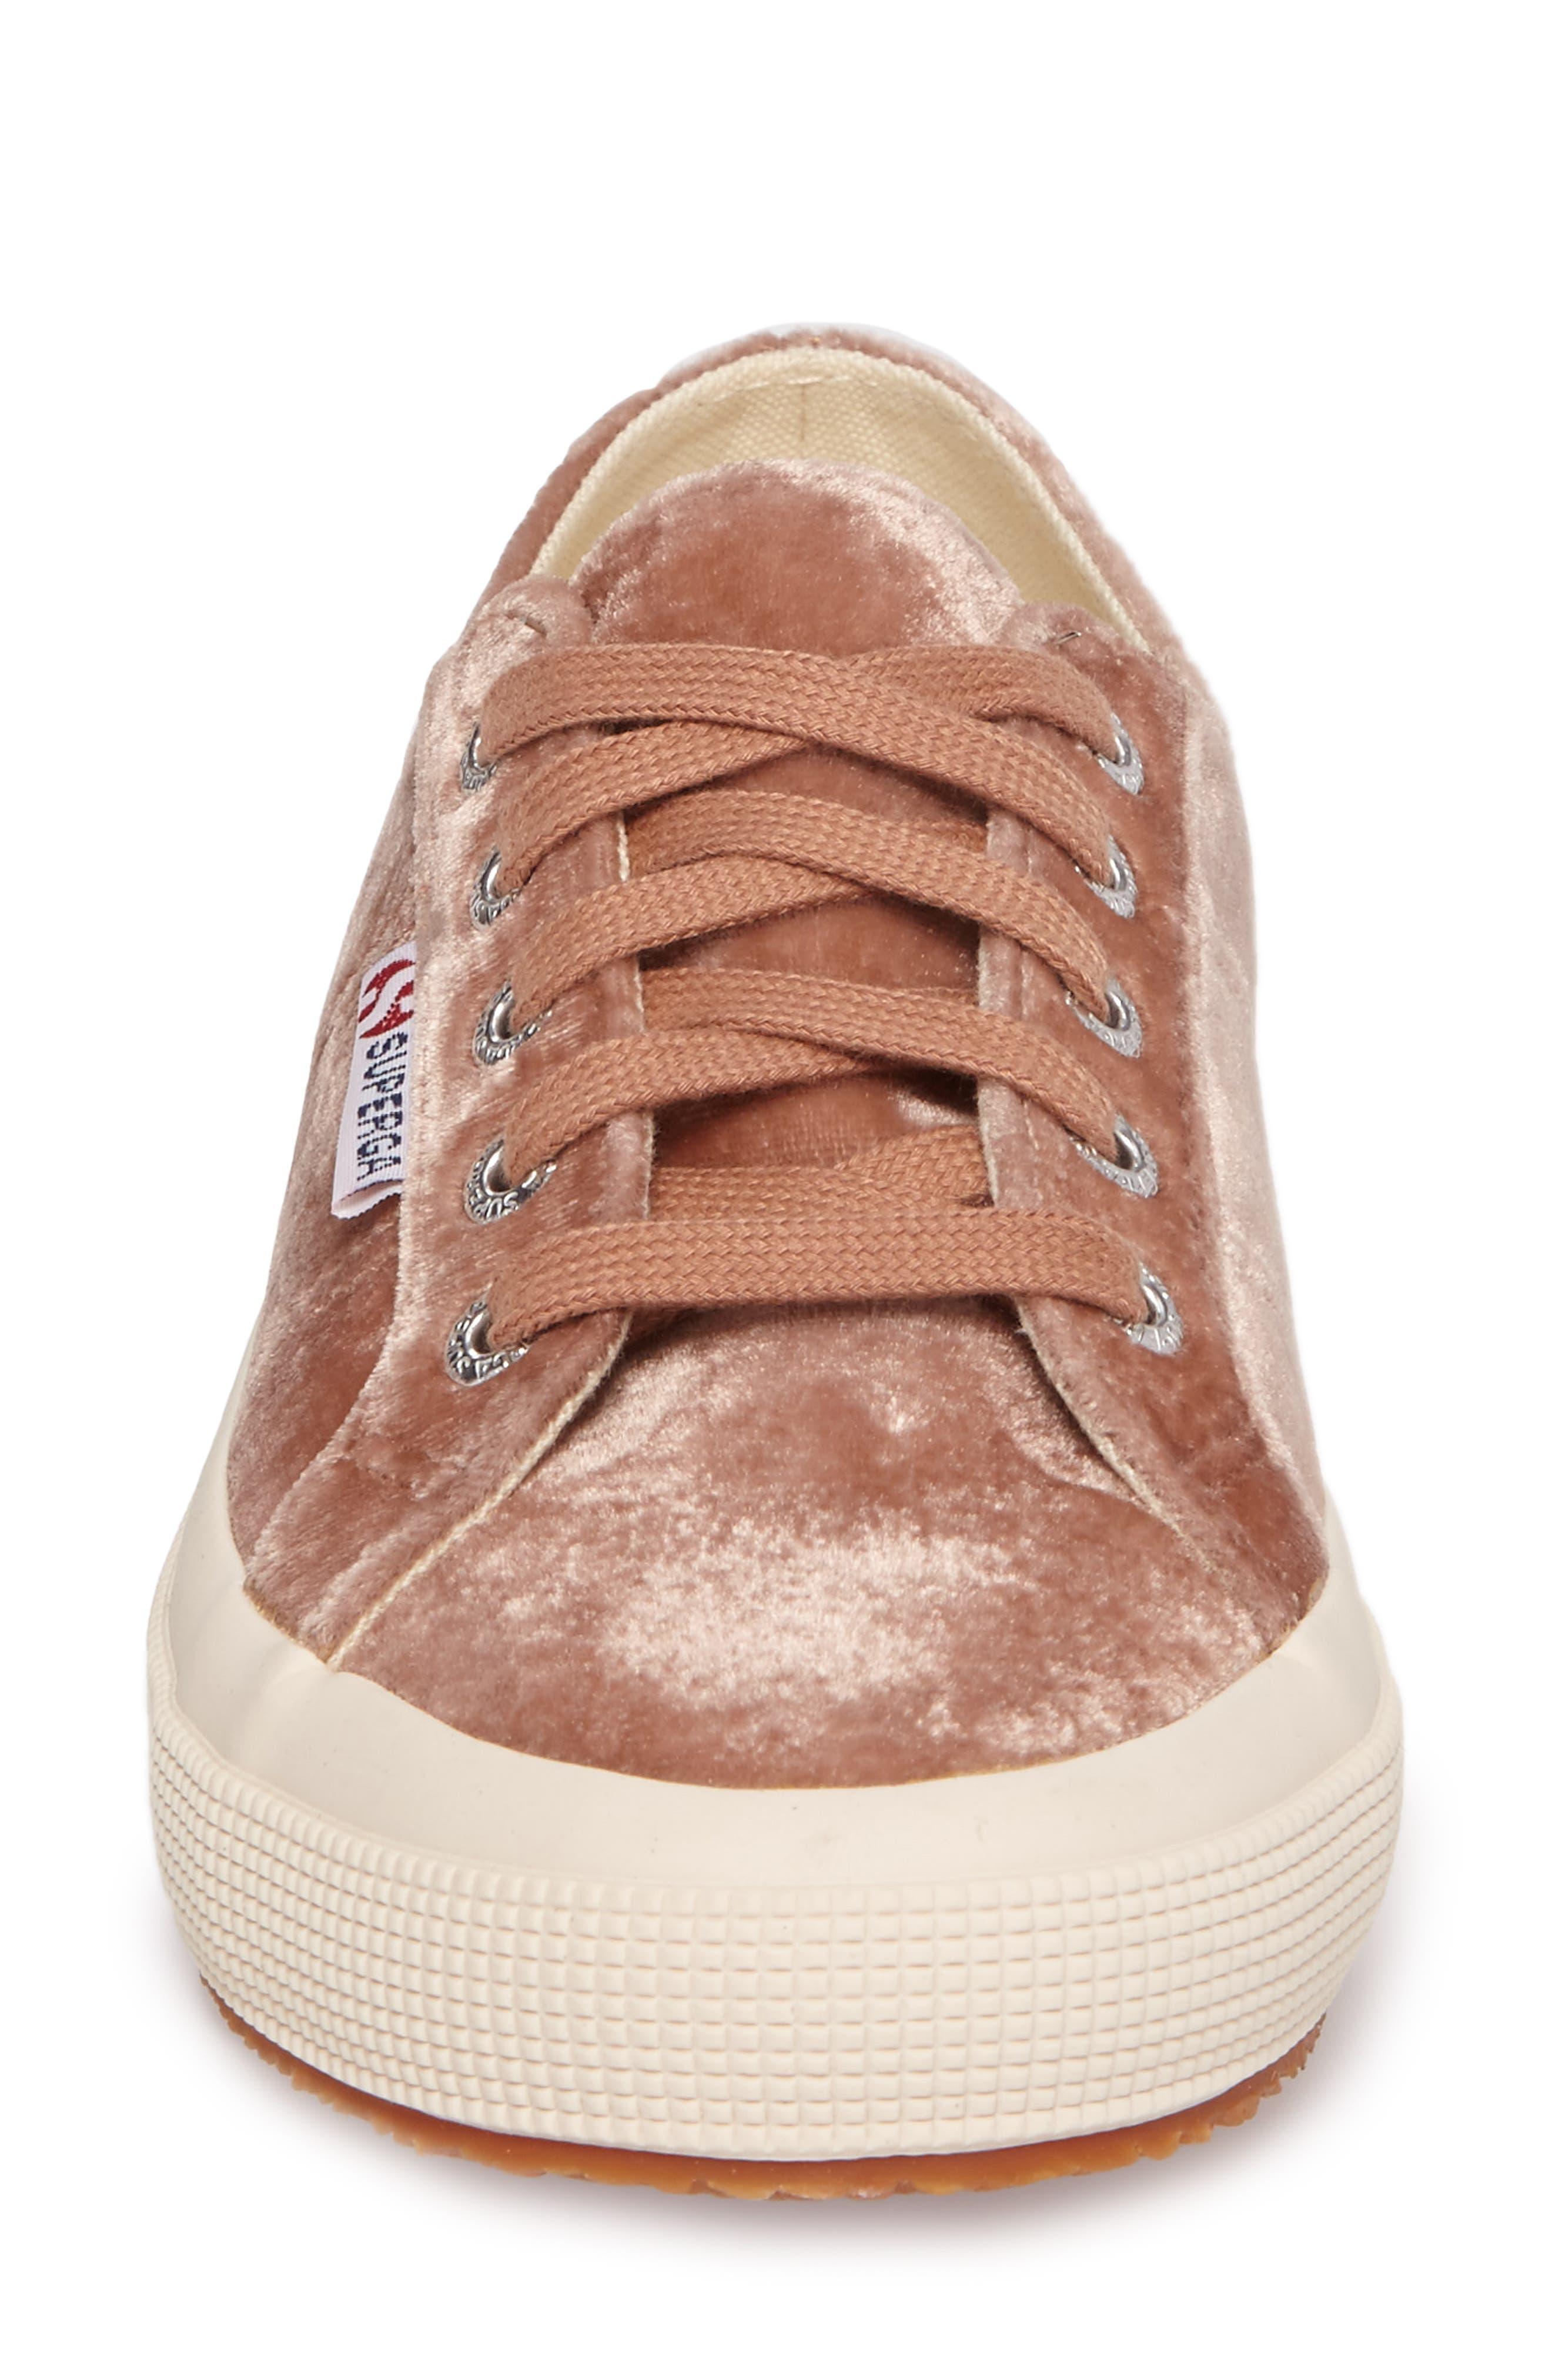 Cotu Classic Sneaker,                             Alternate thumbnail 4, color,                             650